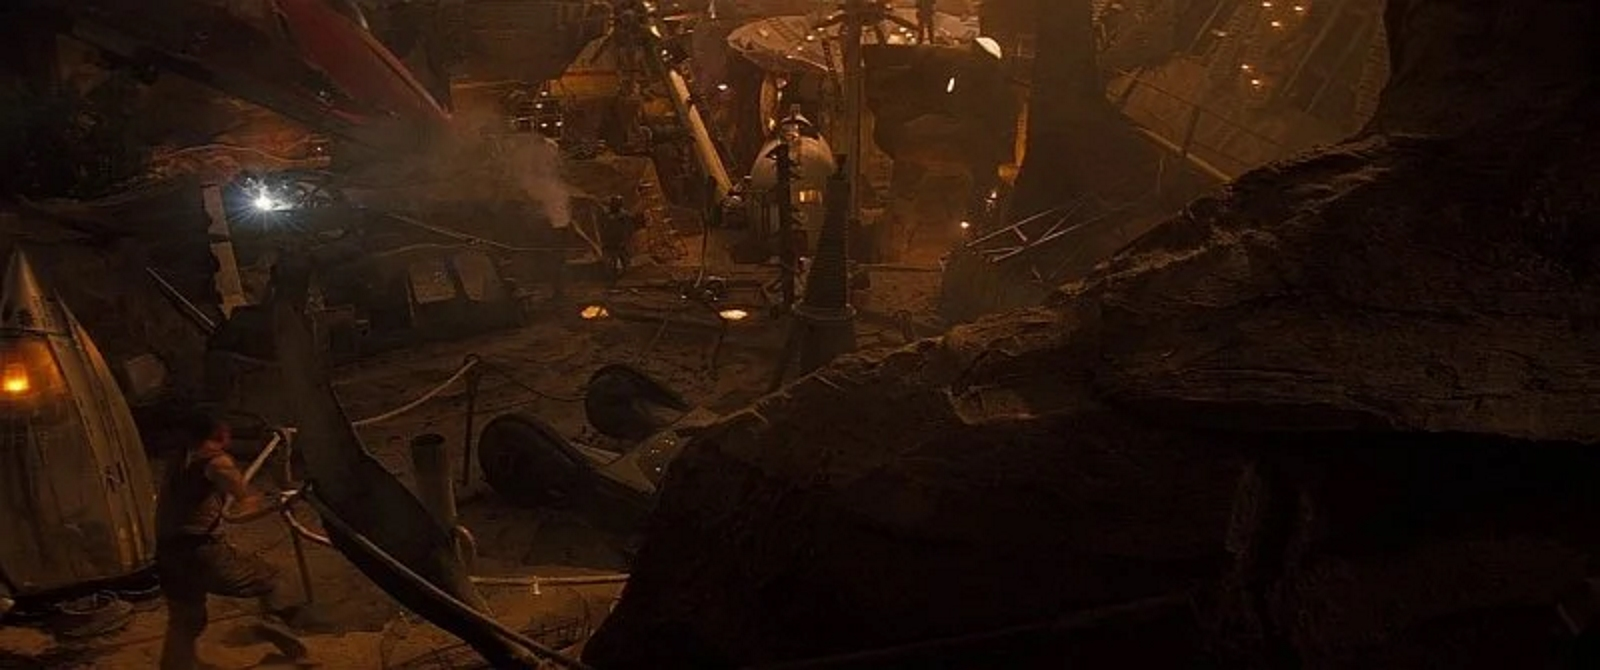 Soldier Blade Runner